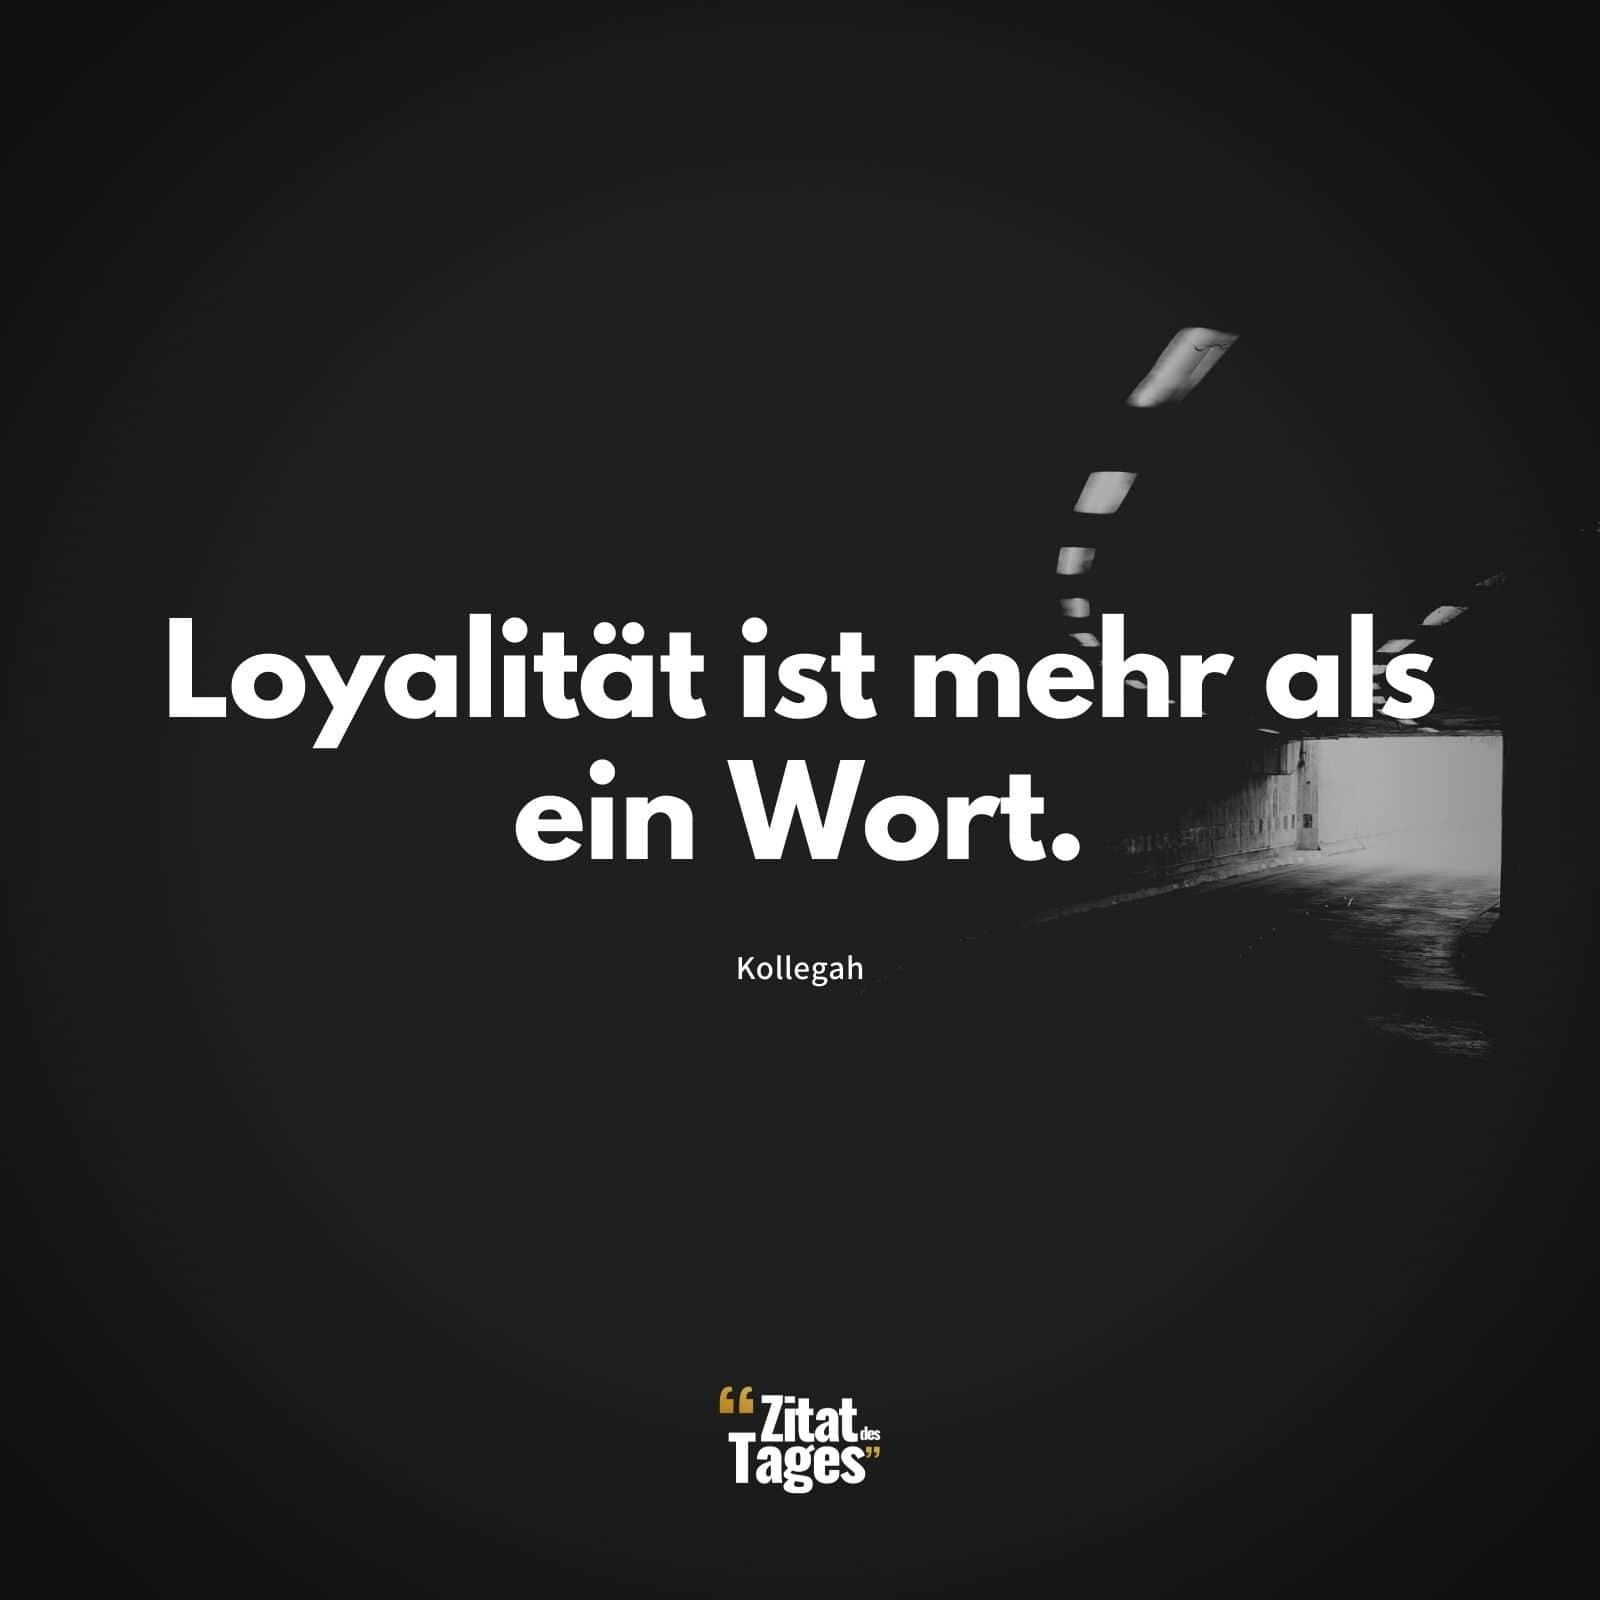 Zitat loyalität Die besten